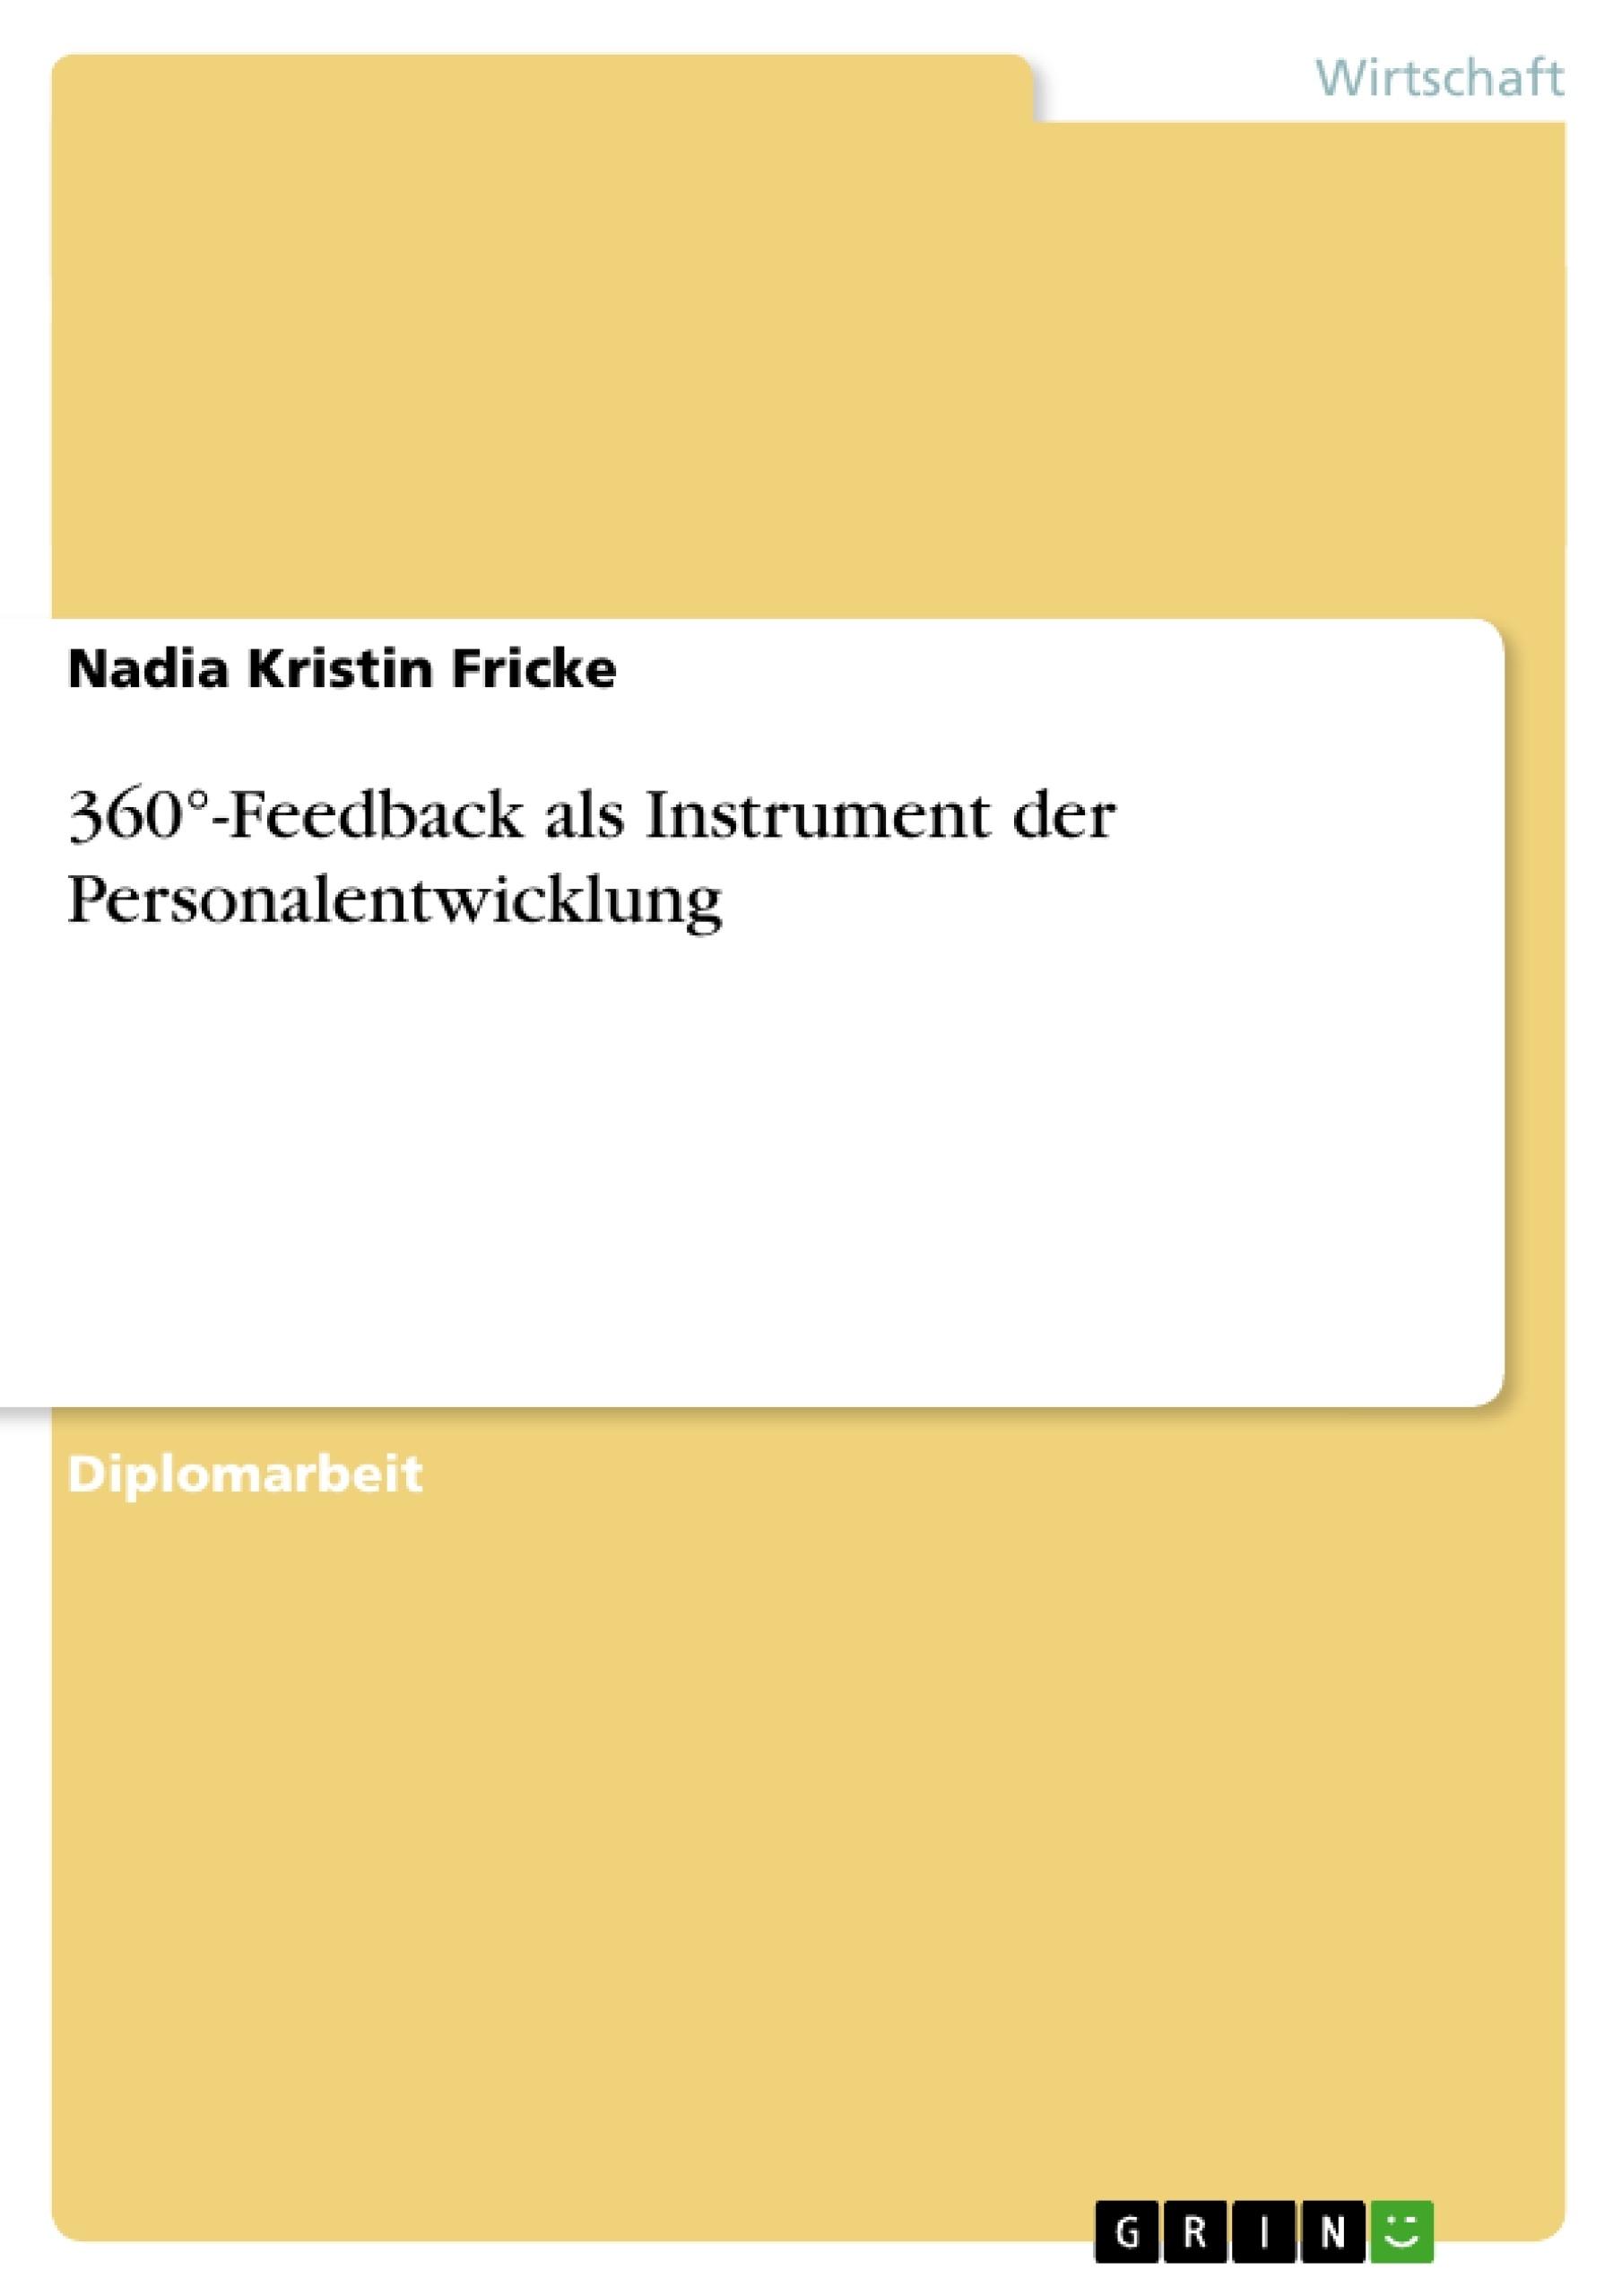 Titel: 360°-Feedback als Instrument der Personalentwicklung